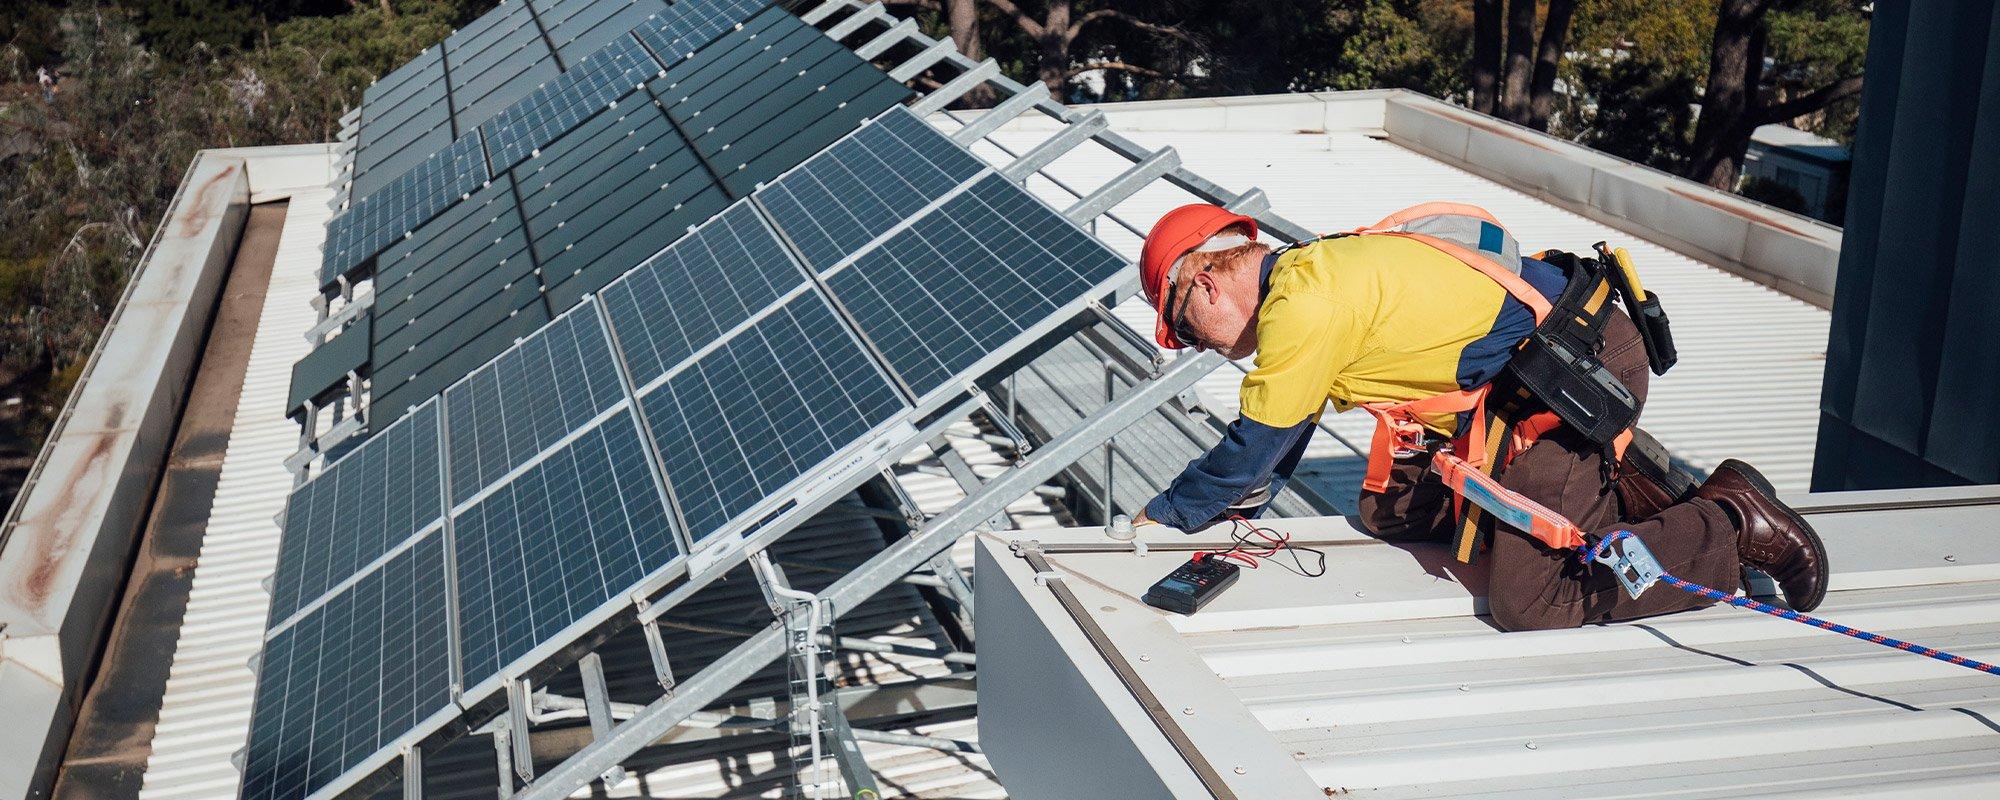 Mies katolla asentamassa aurinkopaneeleja